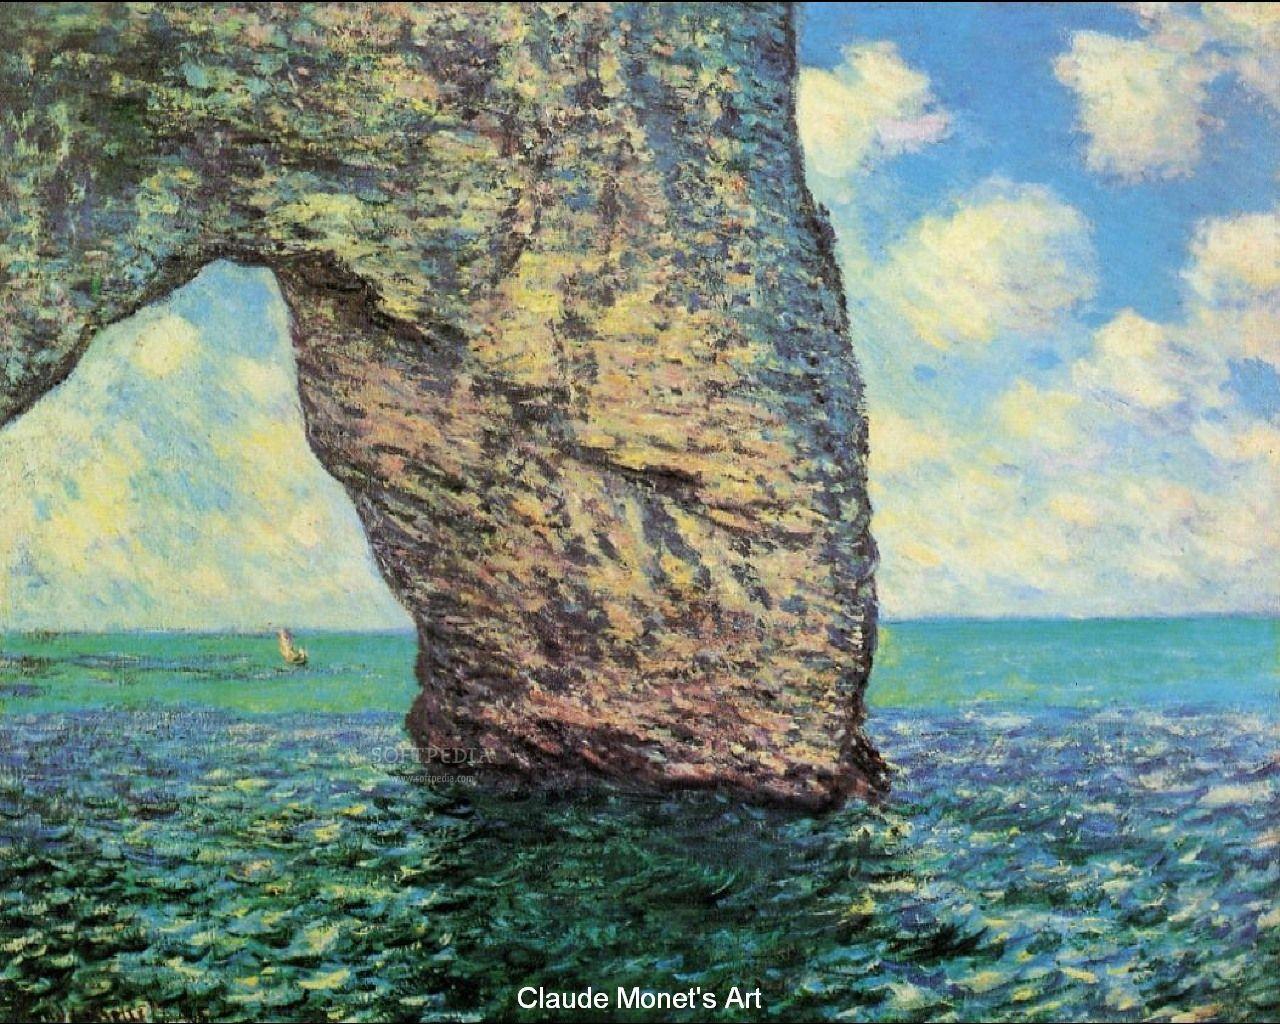 monet paintings - Google Search | Claude Monet Artwork | Pinterest ...